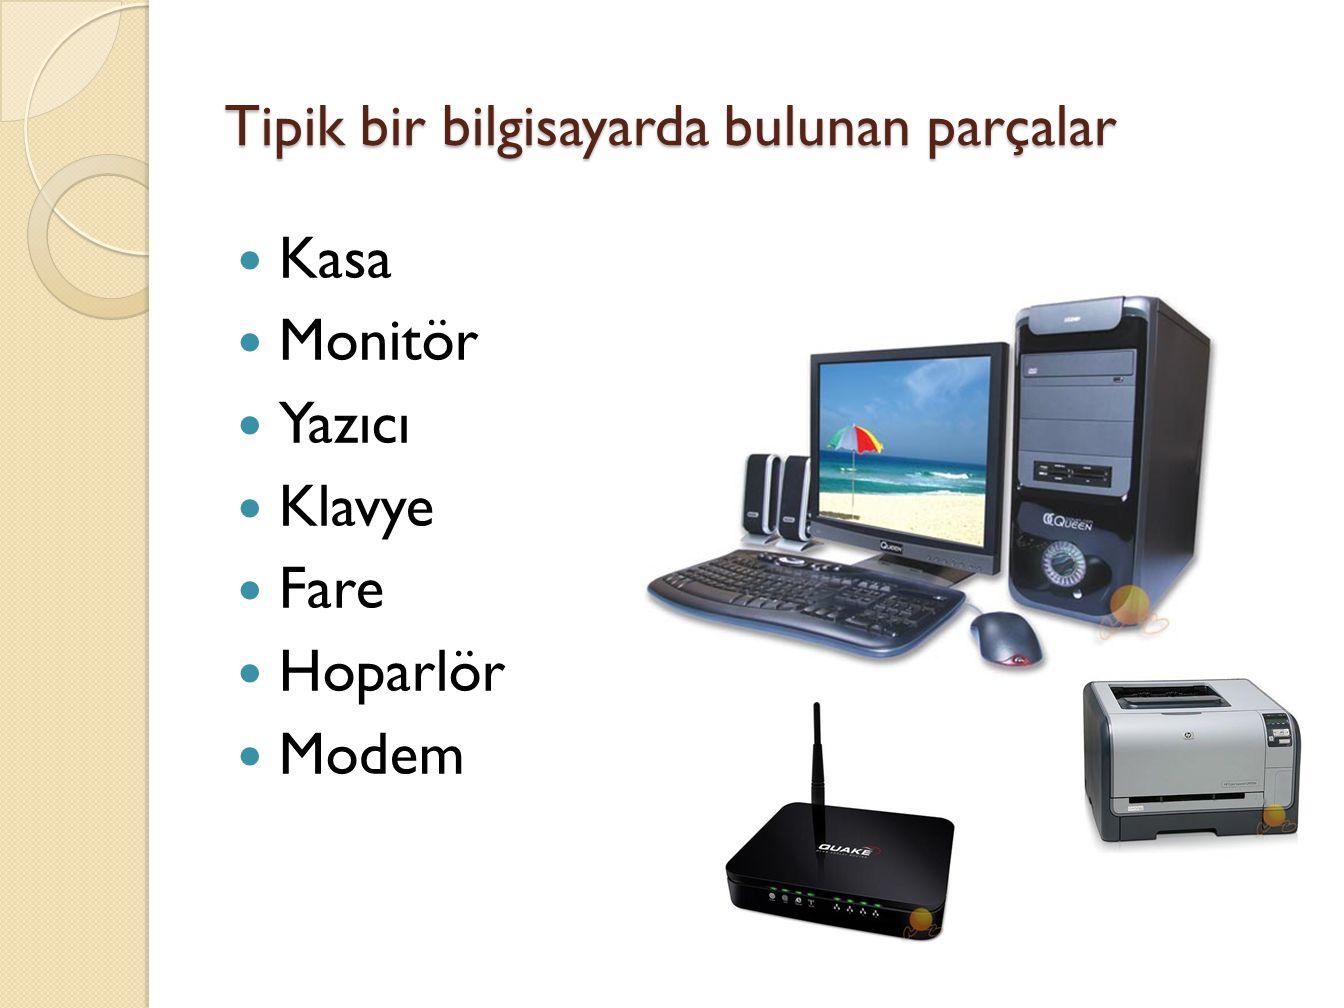 Tipik bir bilgisayarda bulunan parçalar Kasa Monitör Yazıcı Klavye Fare Hoparlör Modem